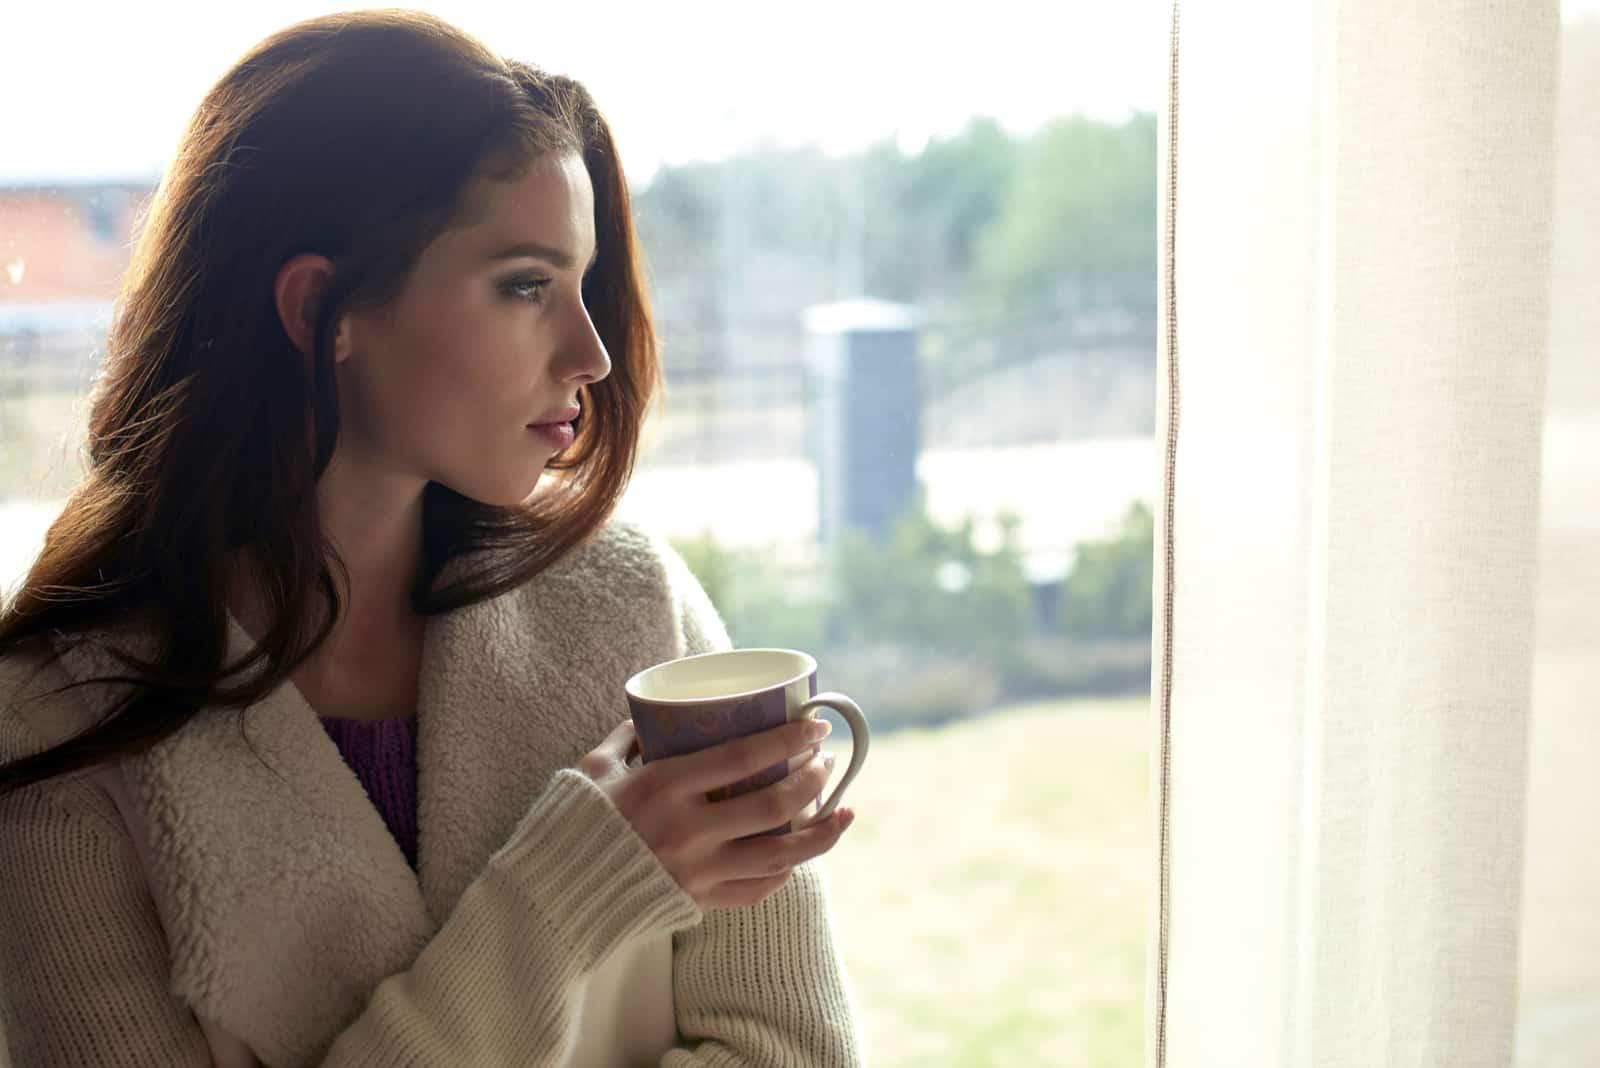 fundersam kvinna som håller en kopp kaffe